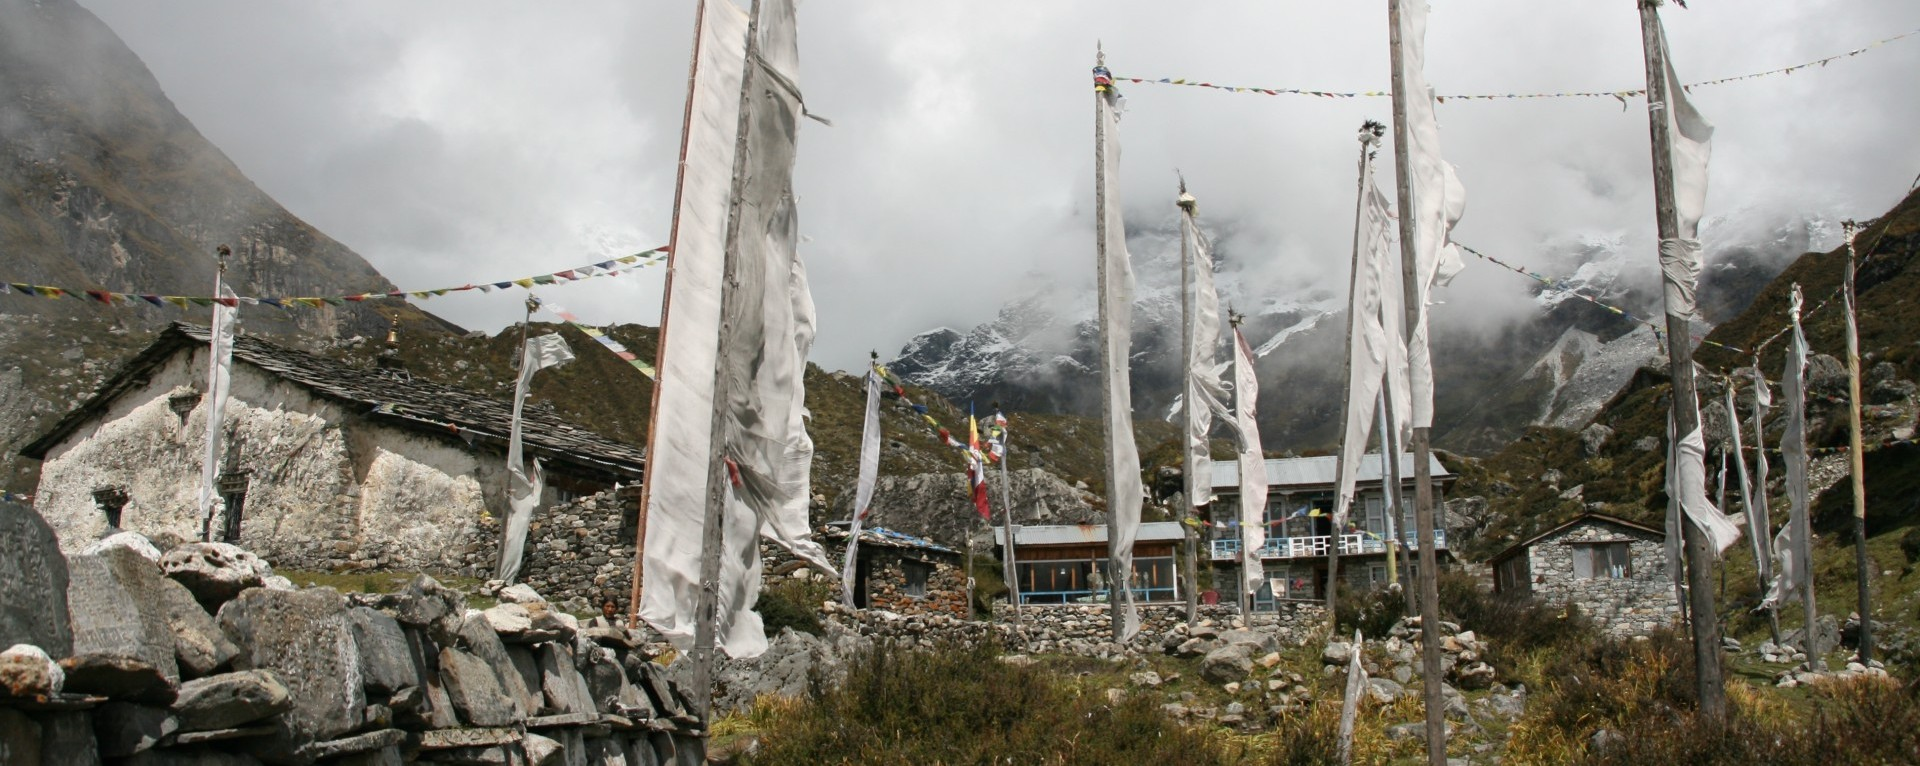 Langtang Valley Trek-2